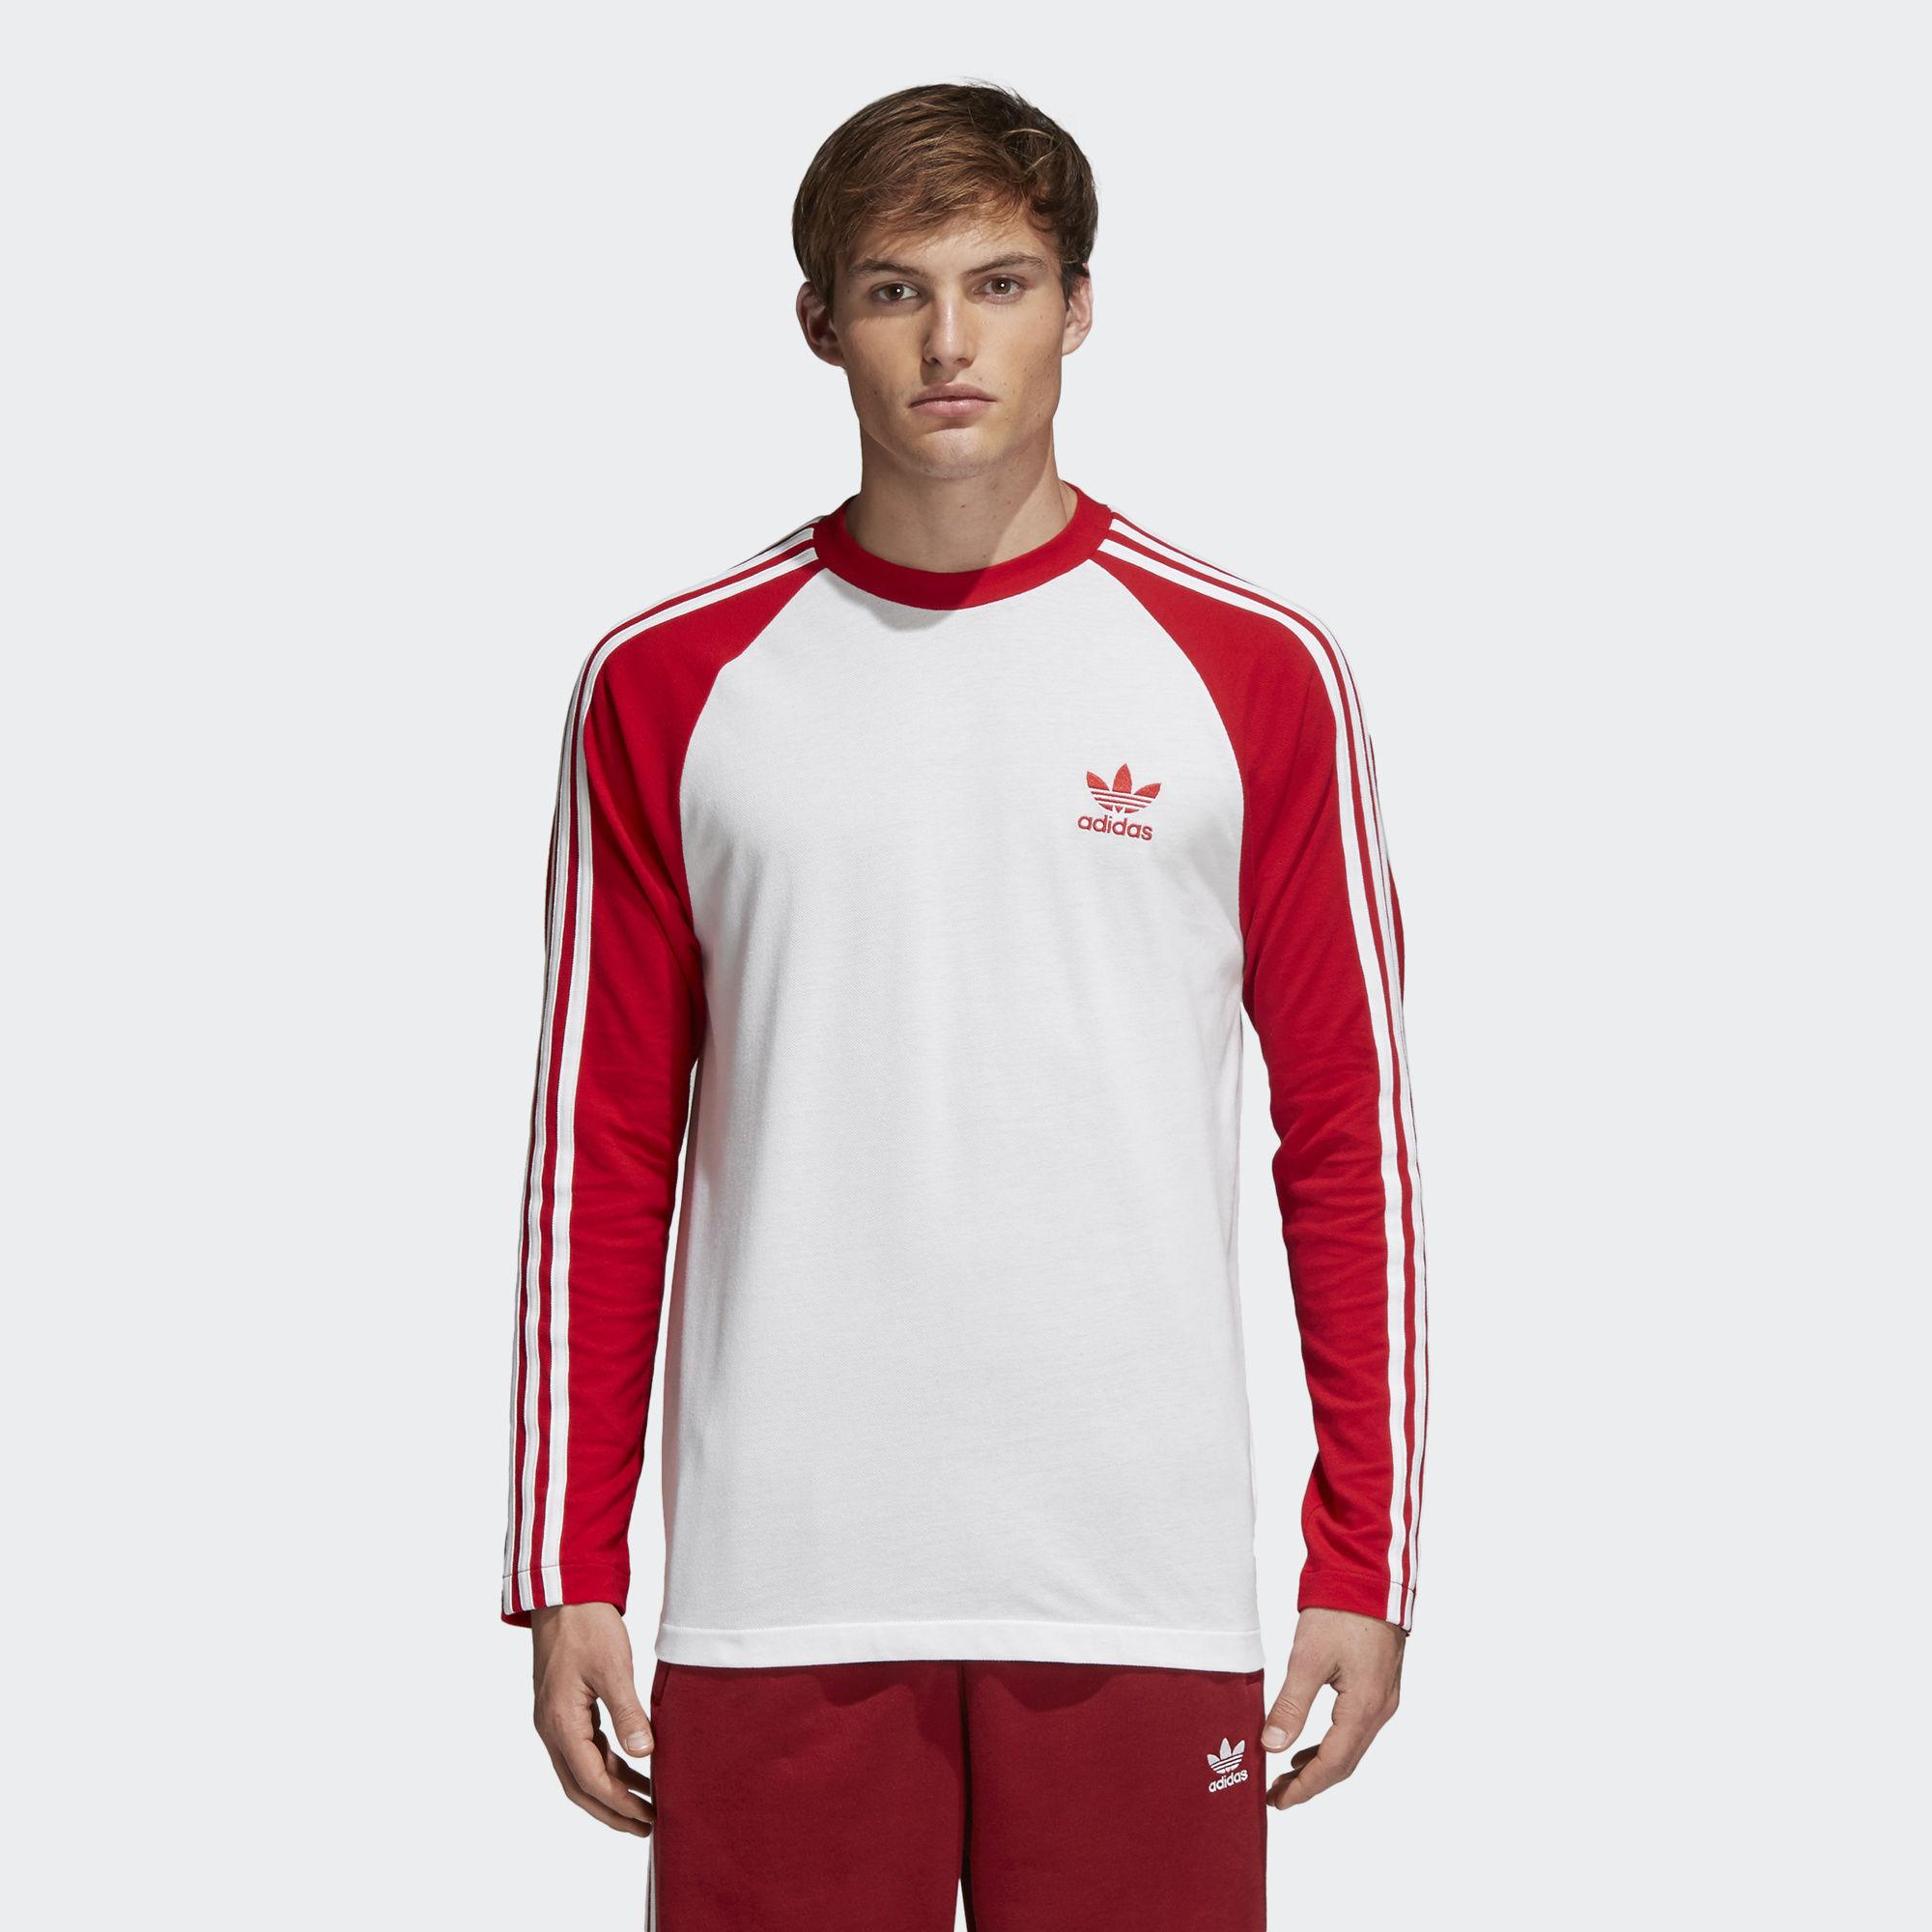 Лонгслив мужской adidas 3-Stripes Ls T, цвет: белый, красный. CW1231. Размер M (48/50)CW1231Культовый мужской лонгслив из архивов adidas. Модель приталенного кроя украшена контрастными тремя полосками на рукавах-реглан и вышитым трилистником на груди. Выполнена из приятной к телу хлопковой ткани пике.